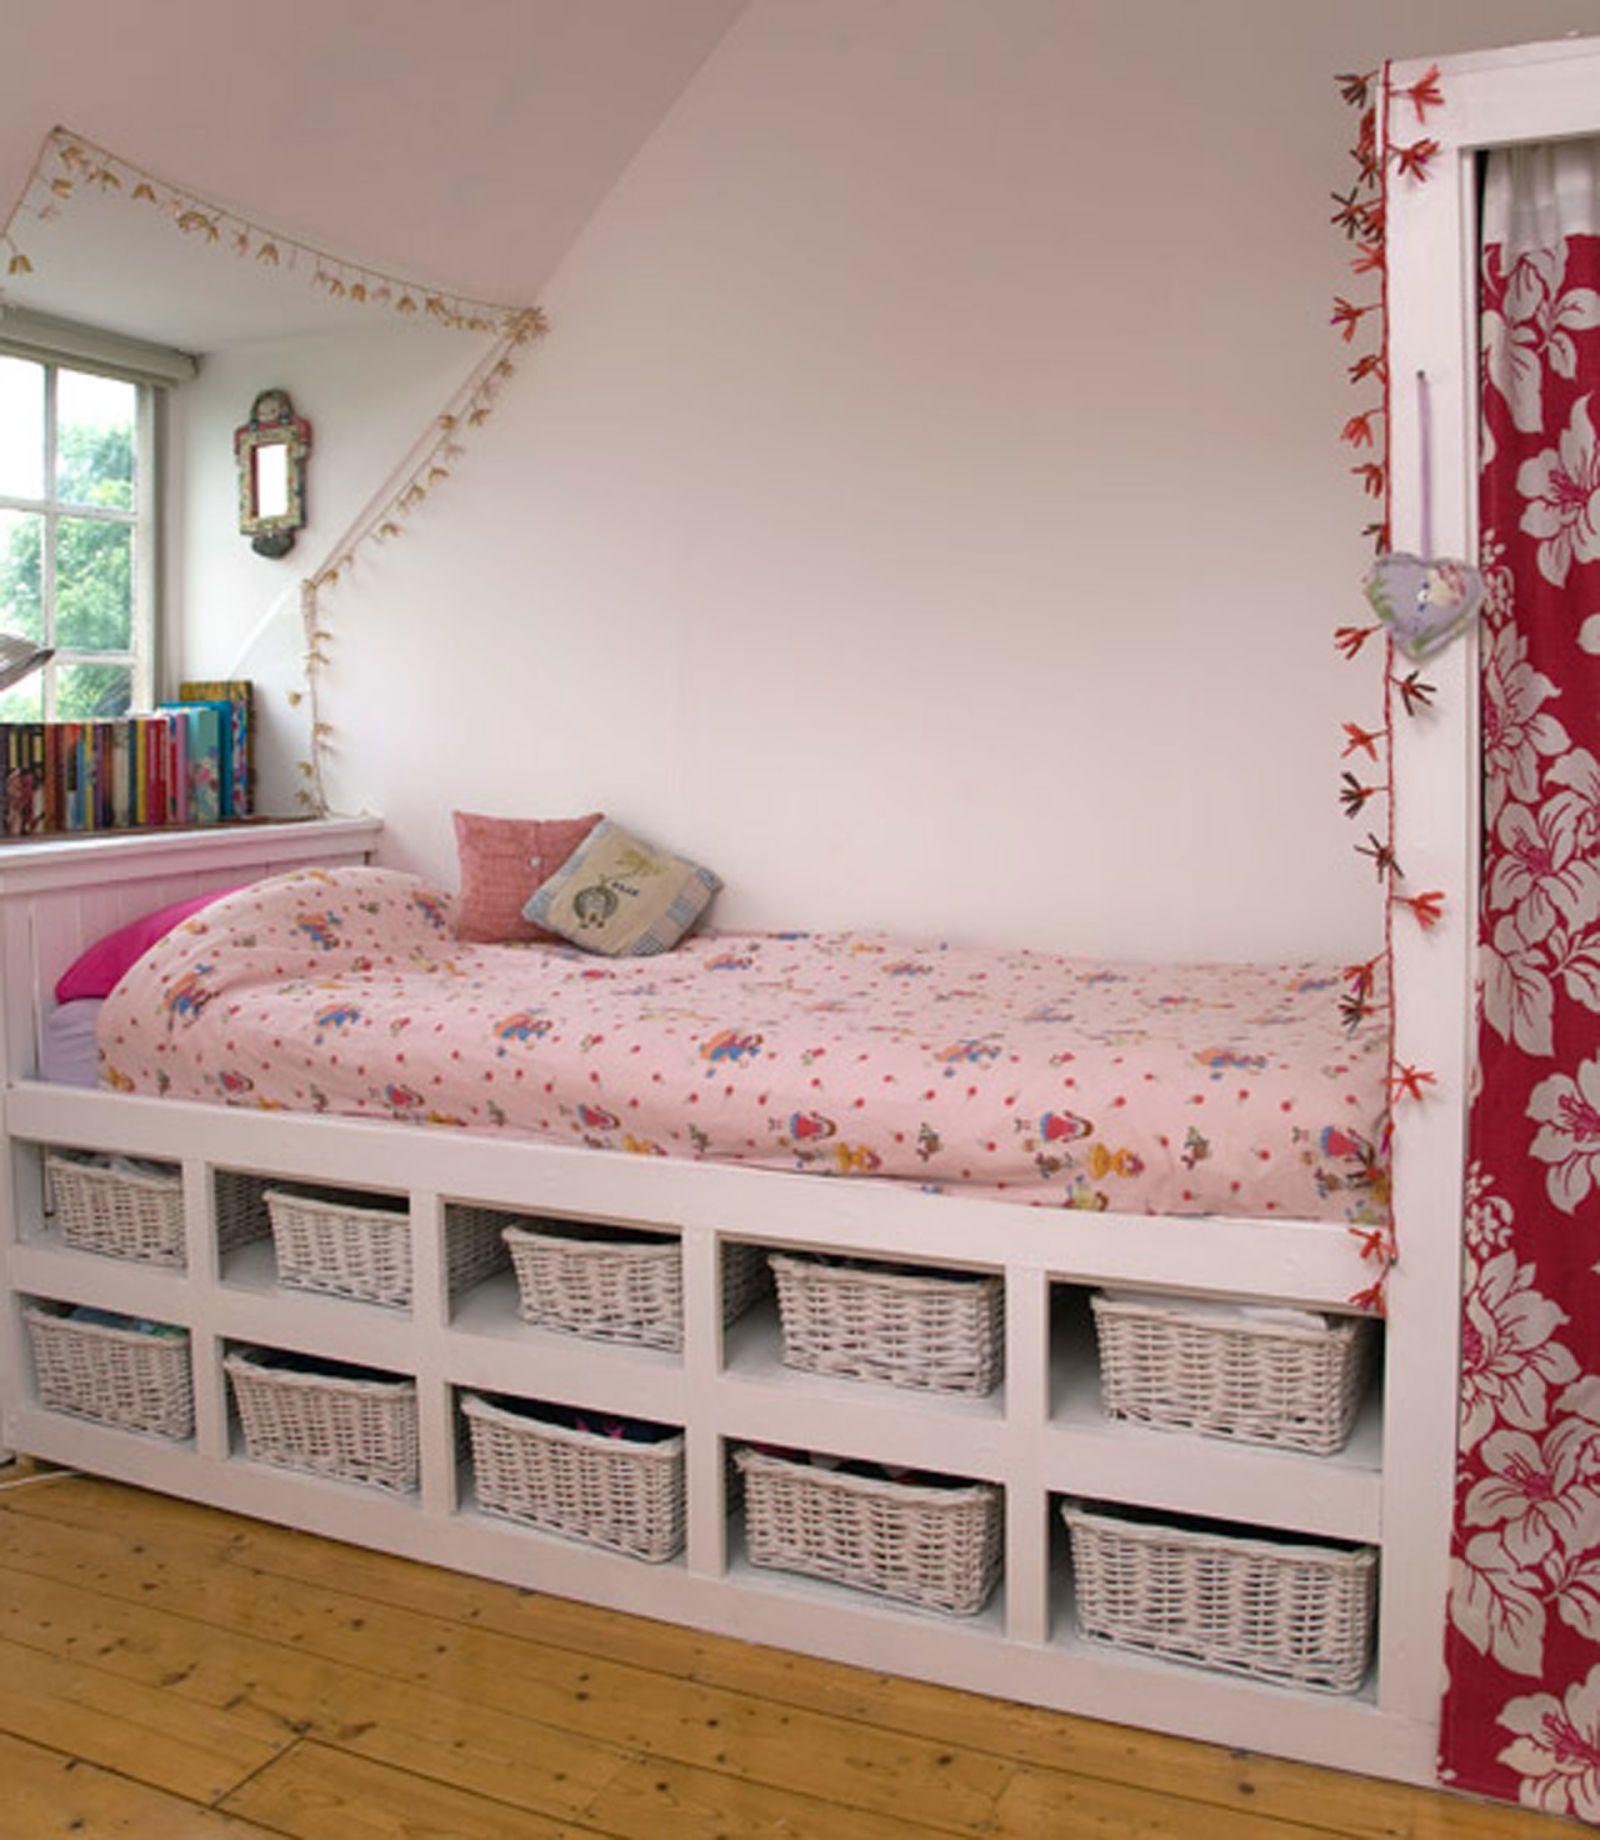 10 ways to maximize storage how to pinterest bedroom - Maximize storage in small bedroom ...